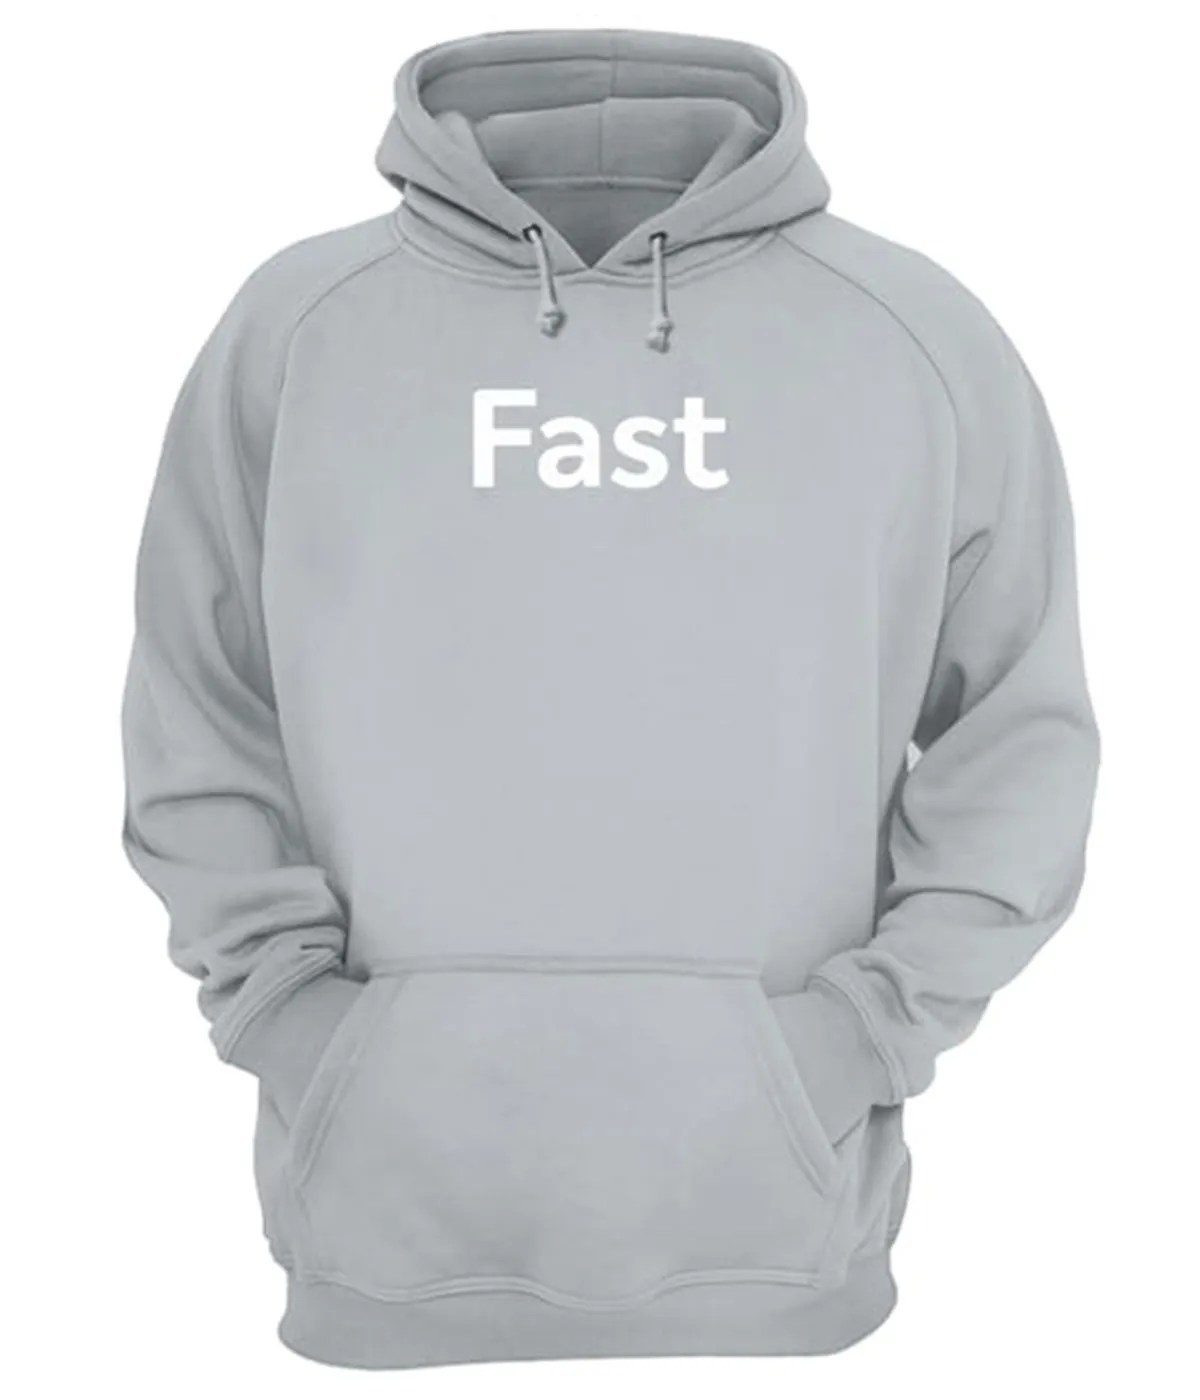 parker-kligerman-fast-hoodie